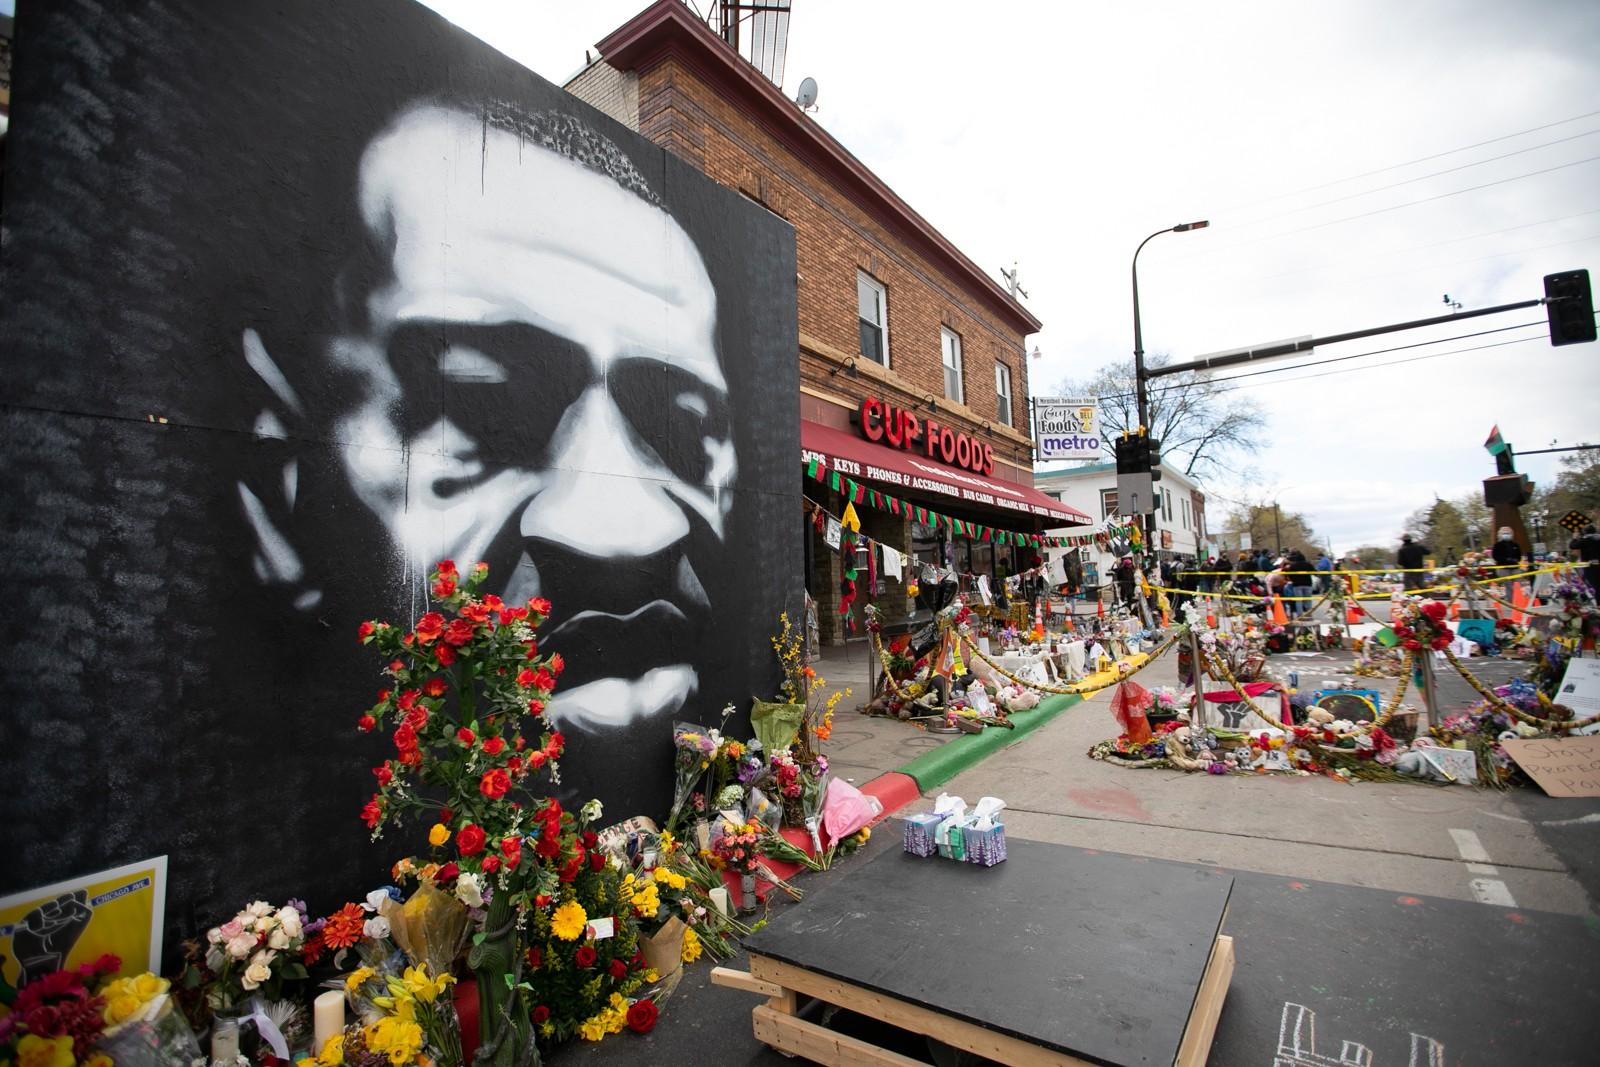 ジョージ・フロイドさんが亡くなった現場には、フロイドさんの大きな似顔絵が飾られている=2021年4月21日、米ミネアポリス、ランハム裕子撮影